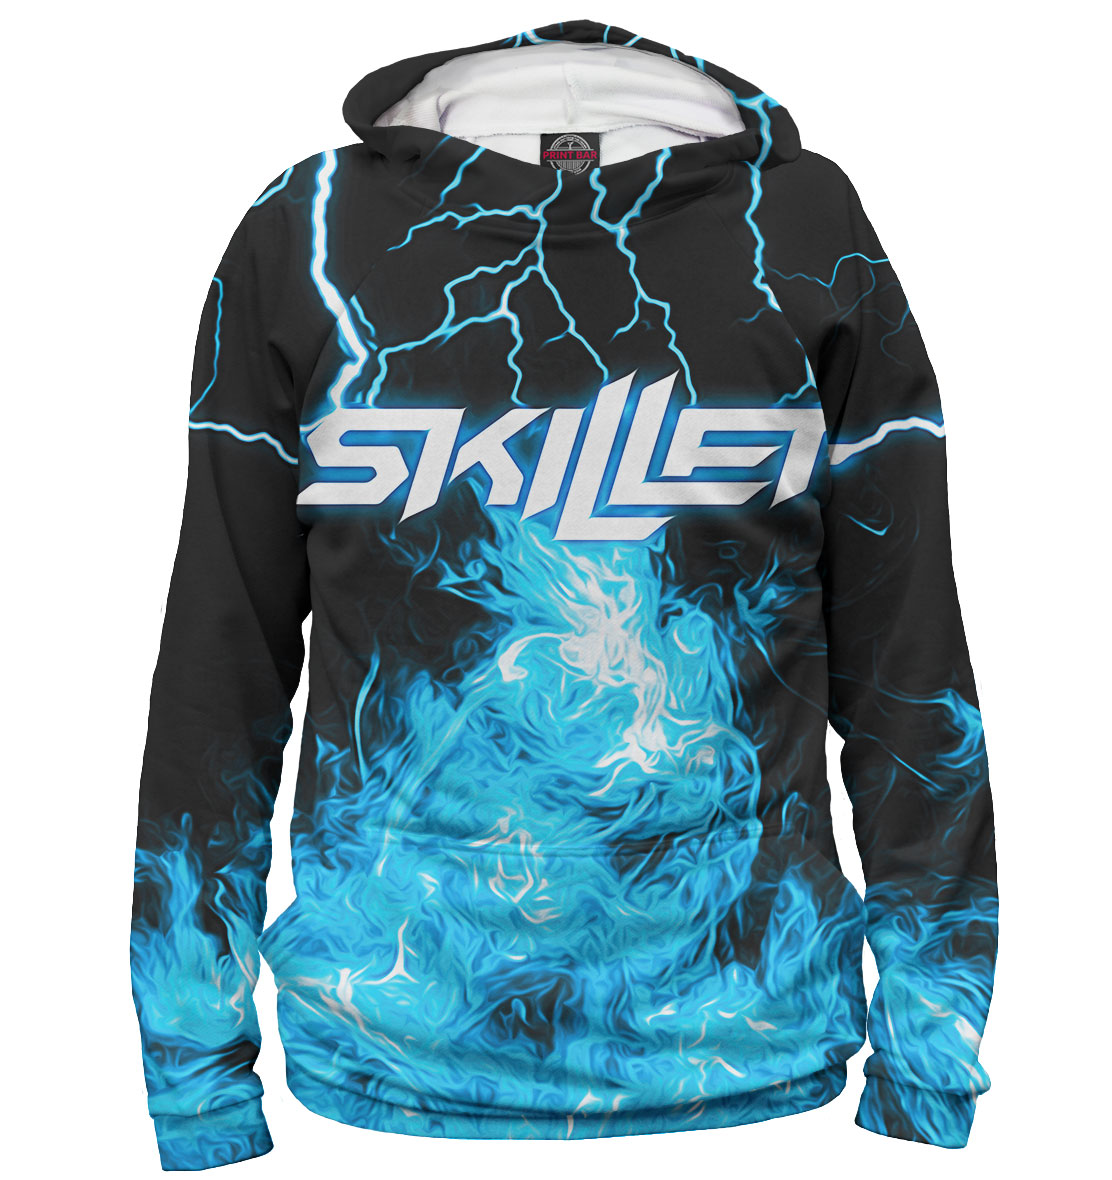 Купить Skillet, Printbar, Худи, SKL-703790-hud-2